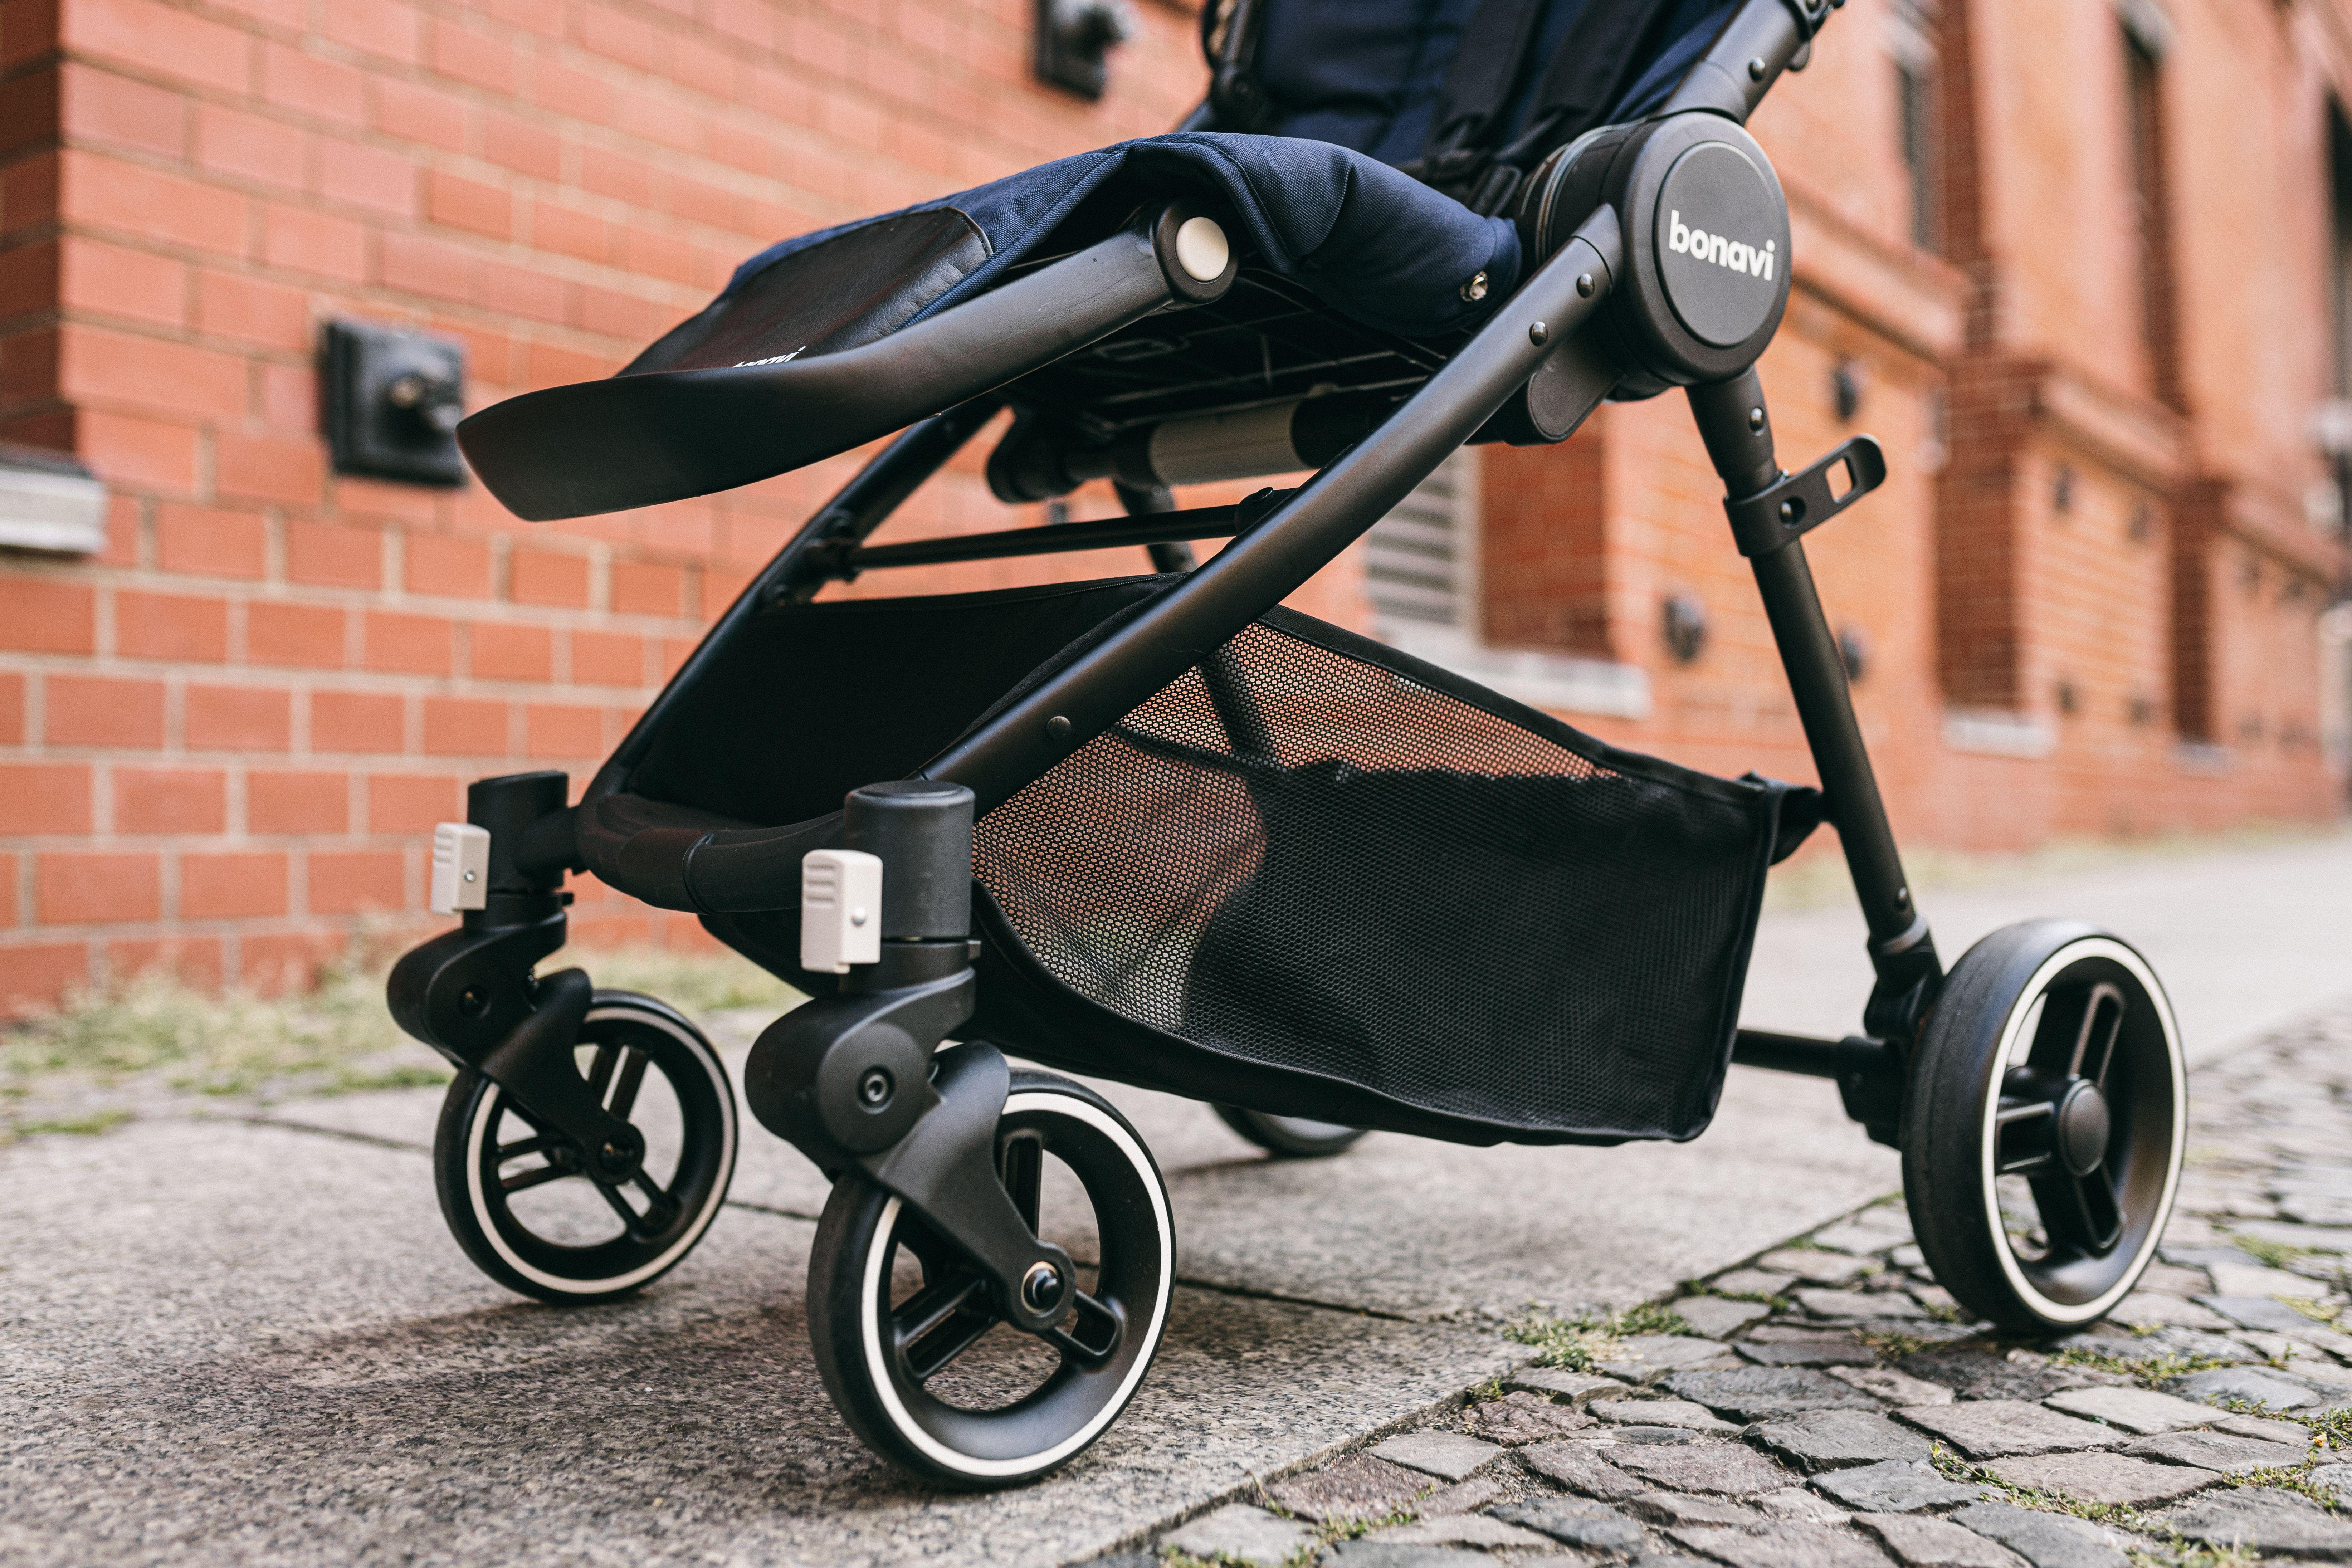 Kinderwagen Bonavi Urban Kinderwagen Kinder Wagen Und Kinder